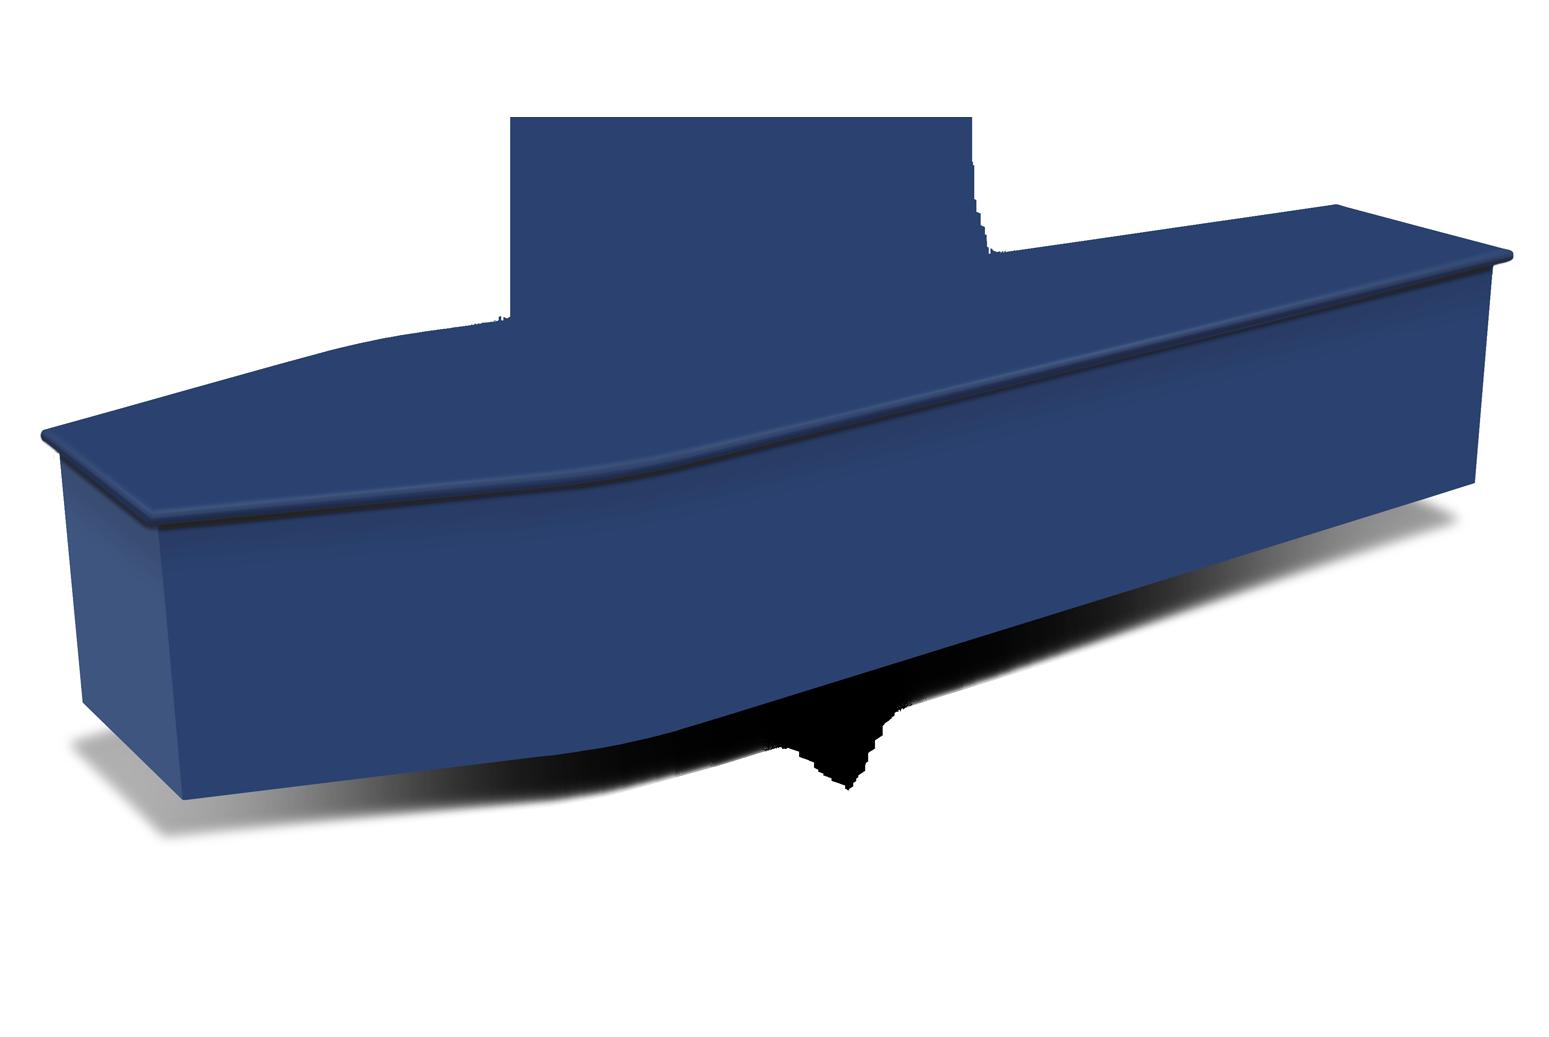 Blue Expanse (S41H8)